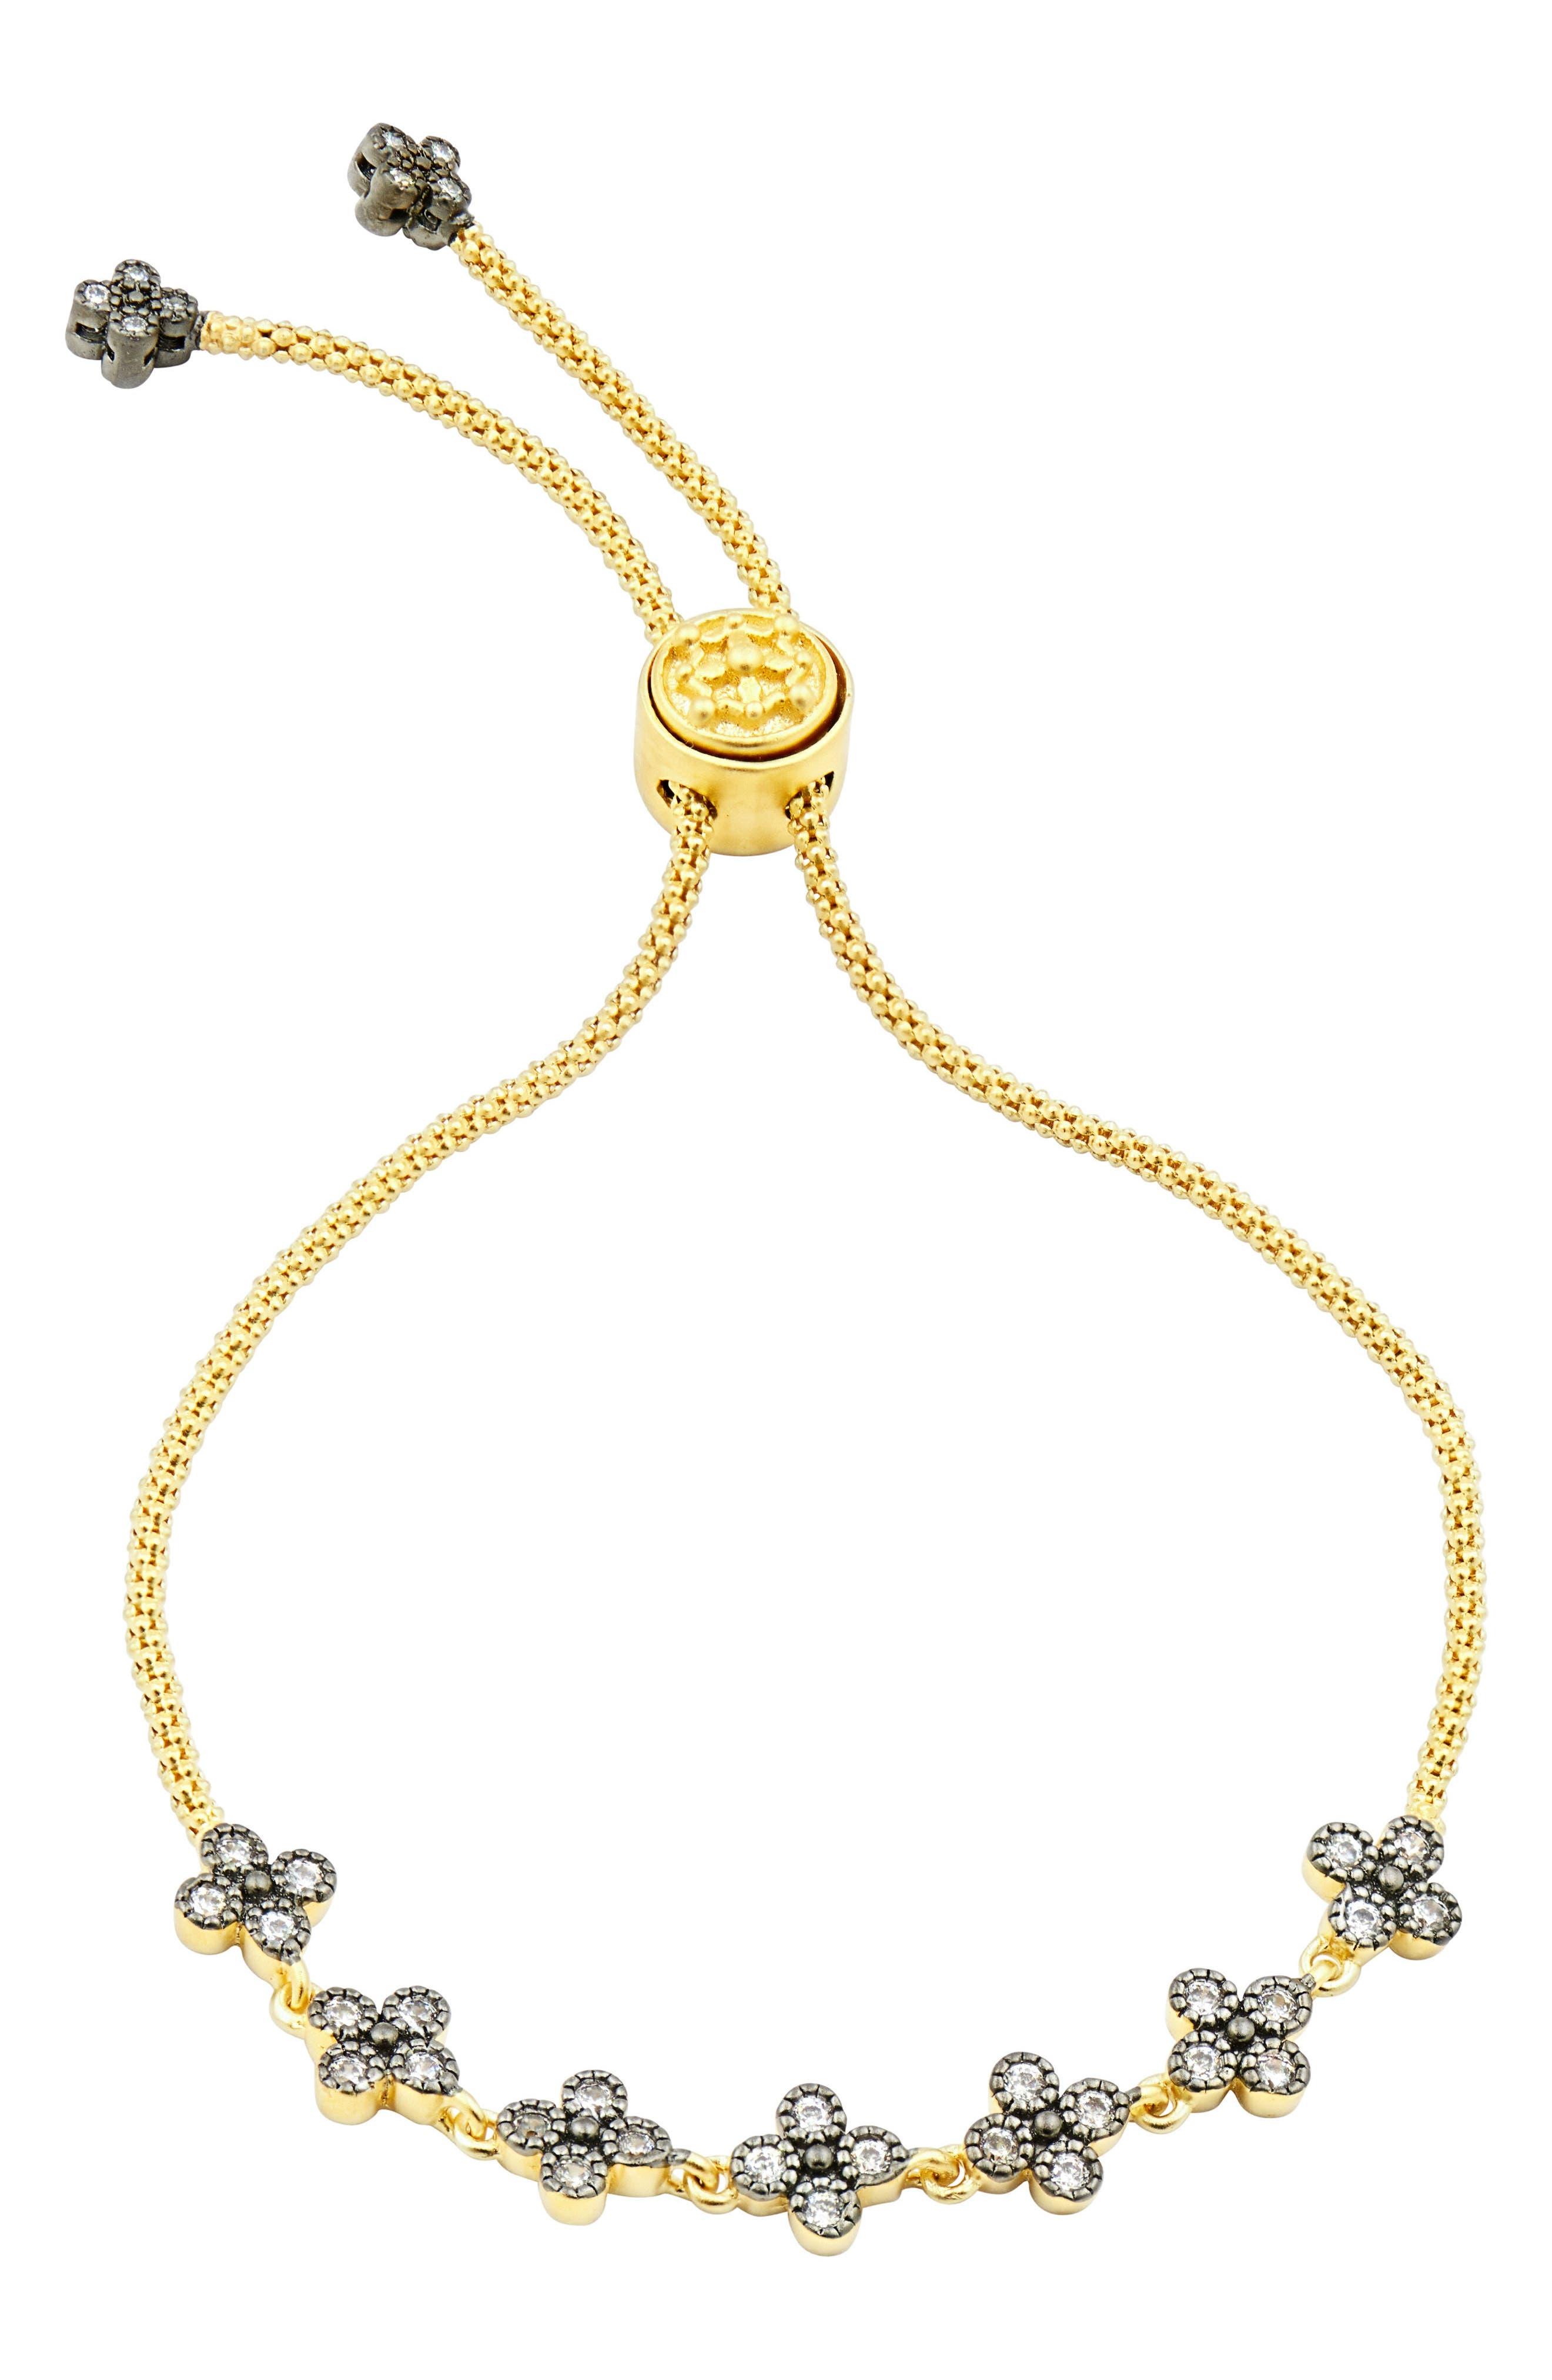 Adjustable Clover Bracelet,                         Main,                         color, GOLD/ SILVER